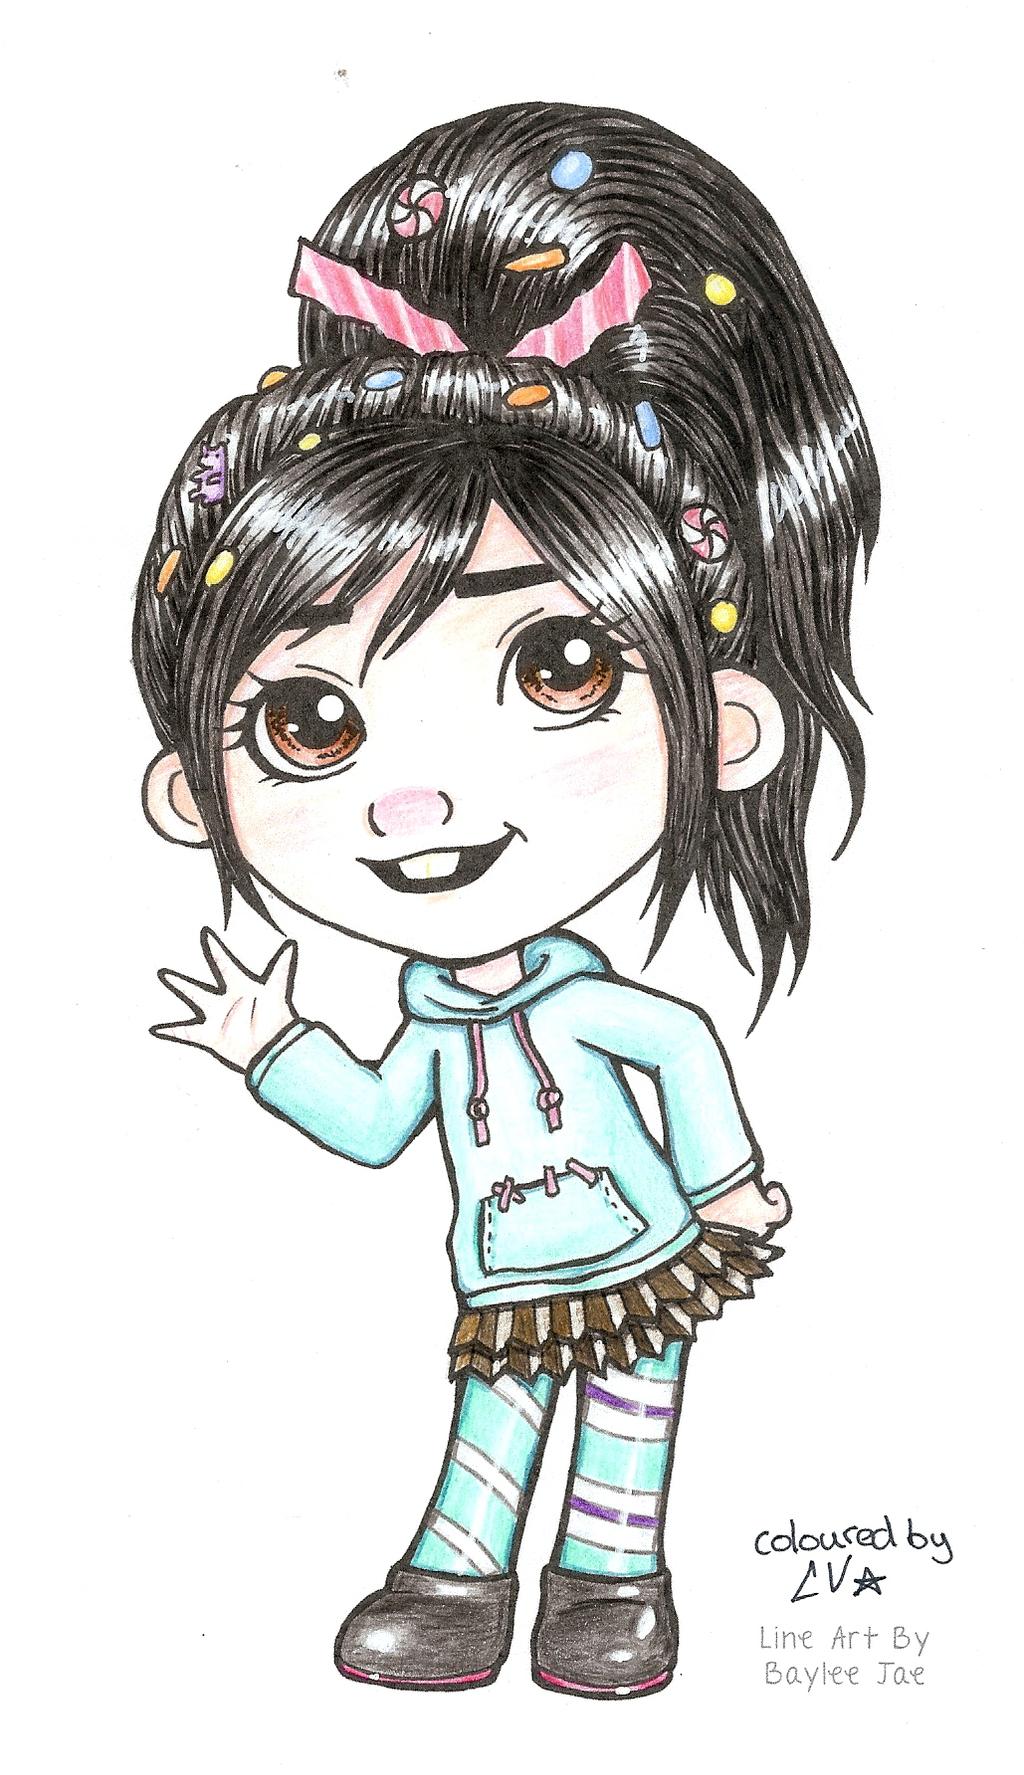 Line Art By Baylee Jae : Baylee jae s vanellope von schweetz by blackstarlily on